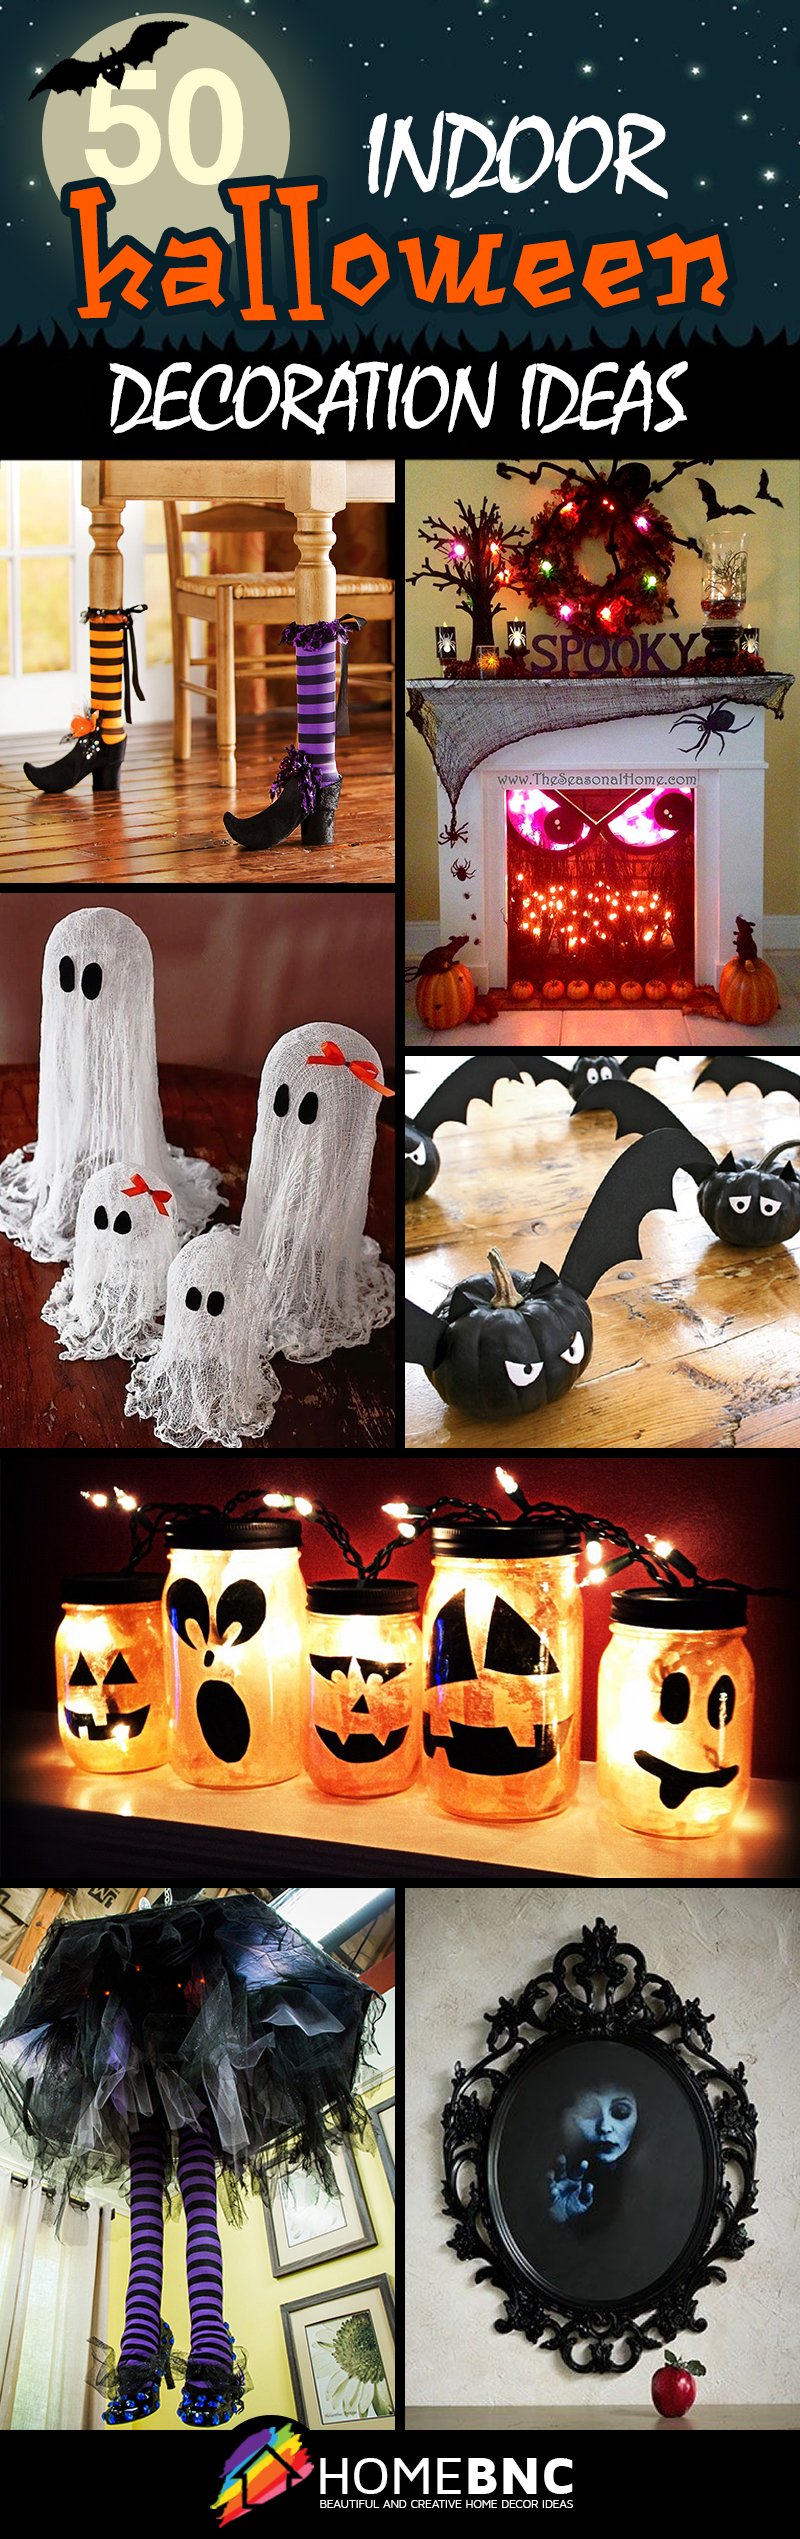 50 Best Indoor Halloween Decoration Ideas for 2017 ~ 144457_Halloween Decoration Ideas For 2017